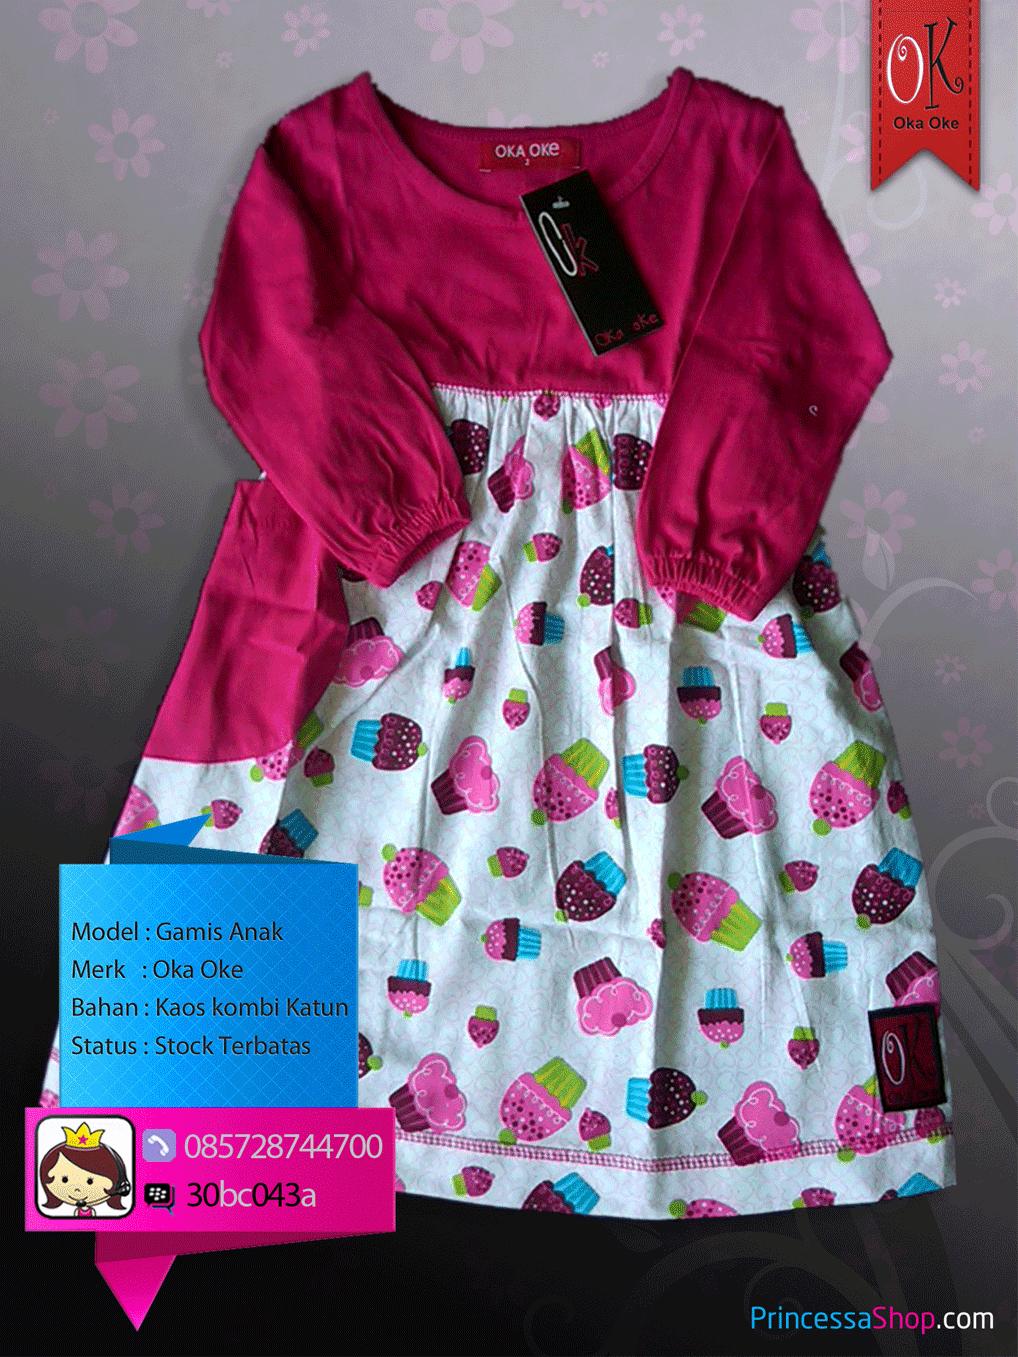 gambar grosir baju muslim anak oka oke baju gamis anak perempuan balita murah online motif hello kitty lucu,Model Baju Muslim Anak 3 Tahun